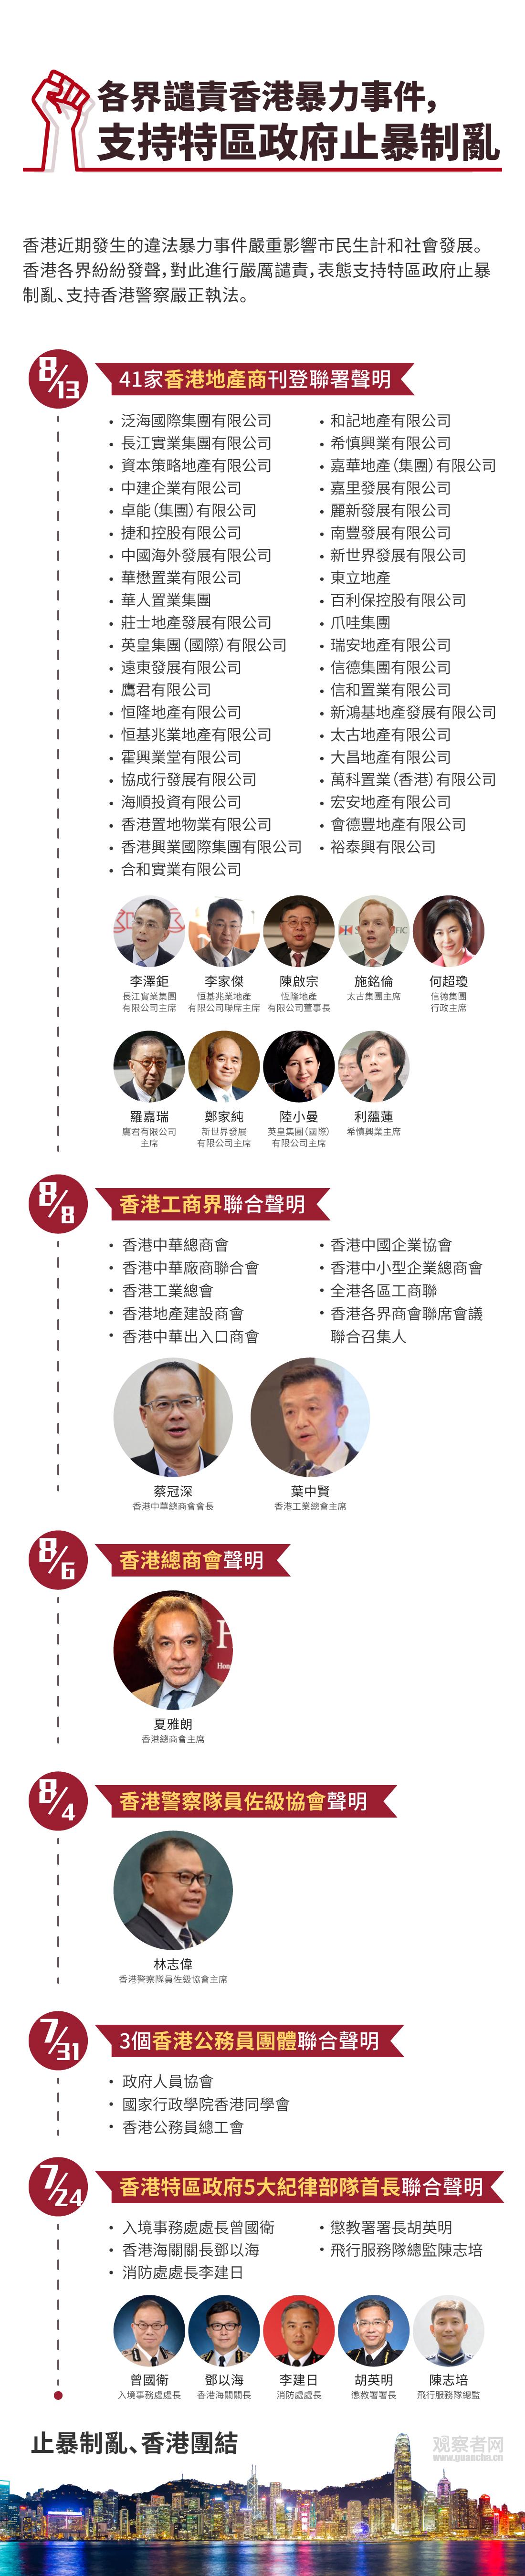 各界�l�香港暴力事件,支持特�^政府止暴制�y